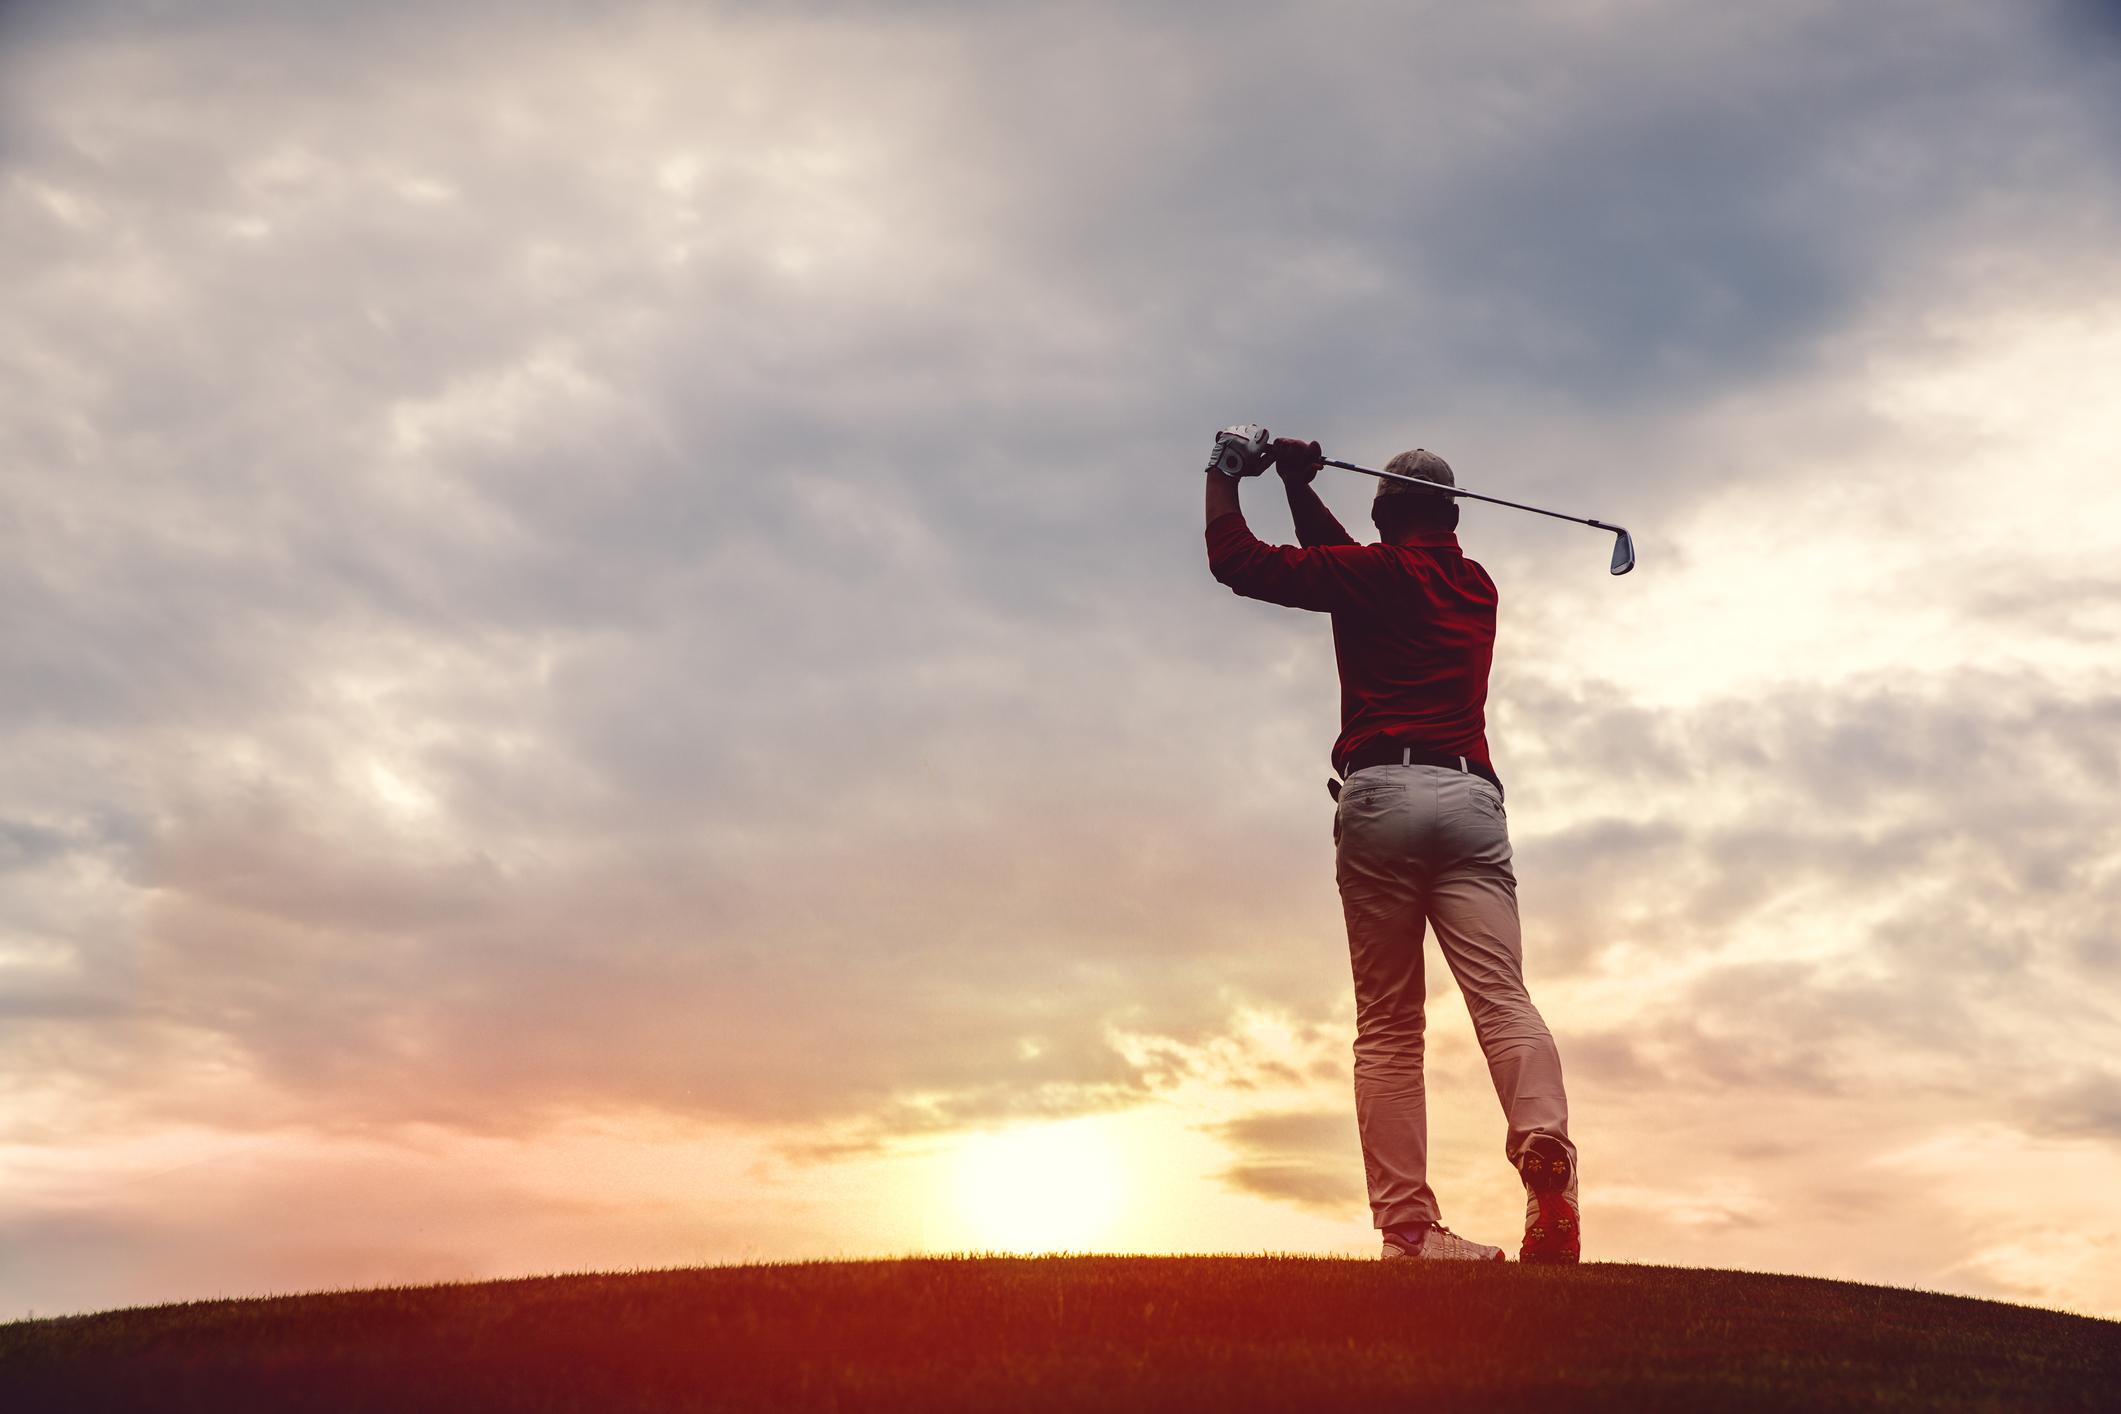 Maailman parhaat golfaajat